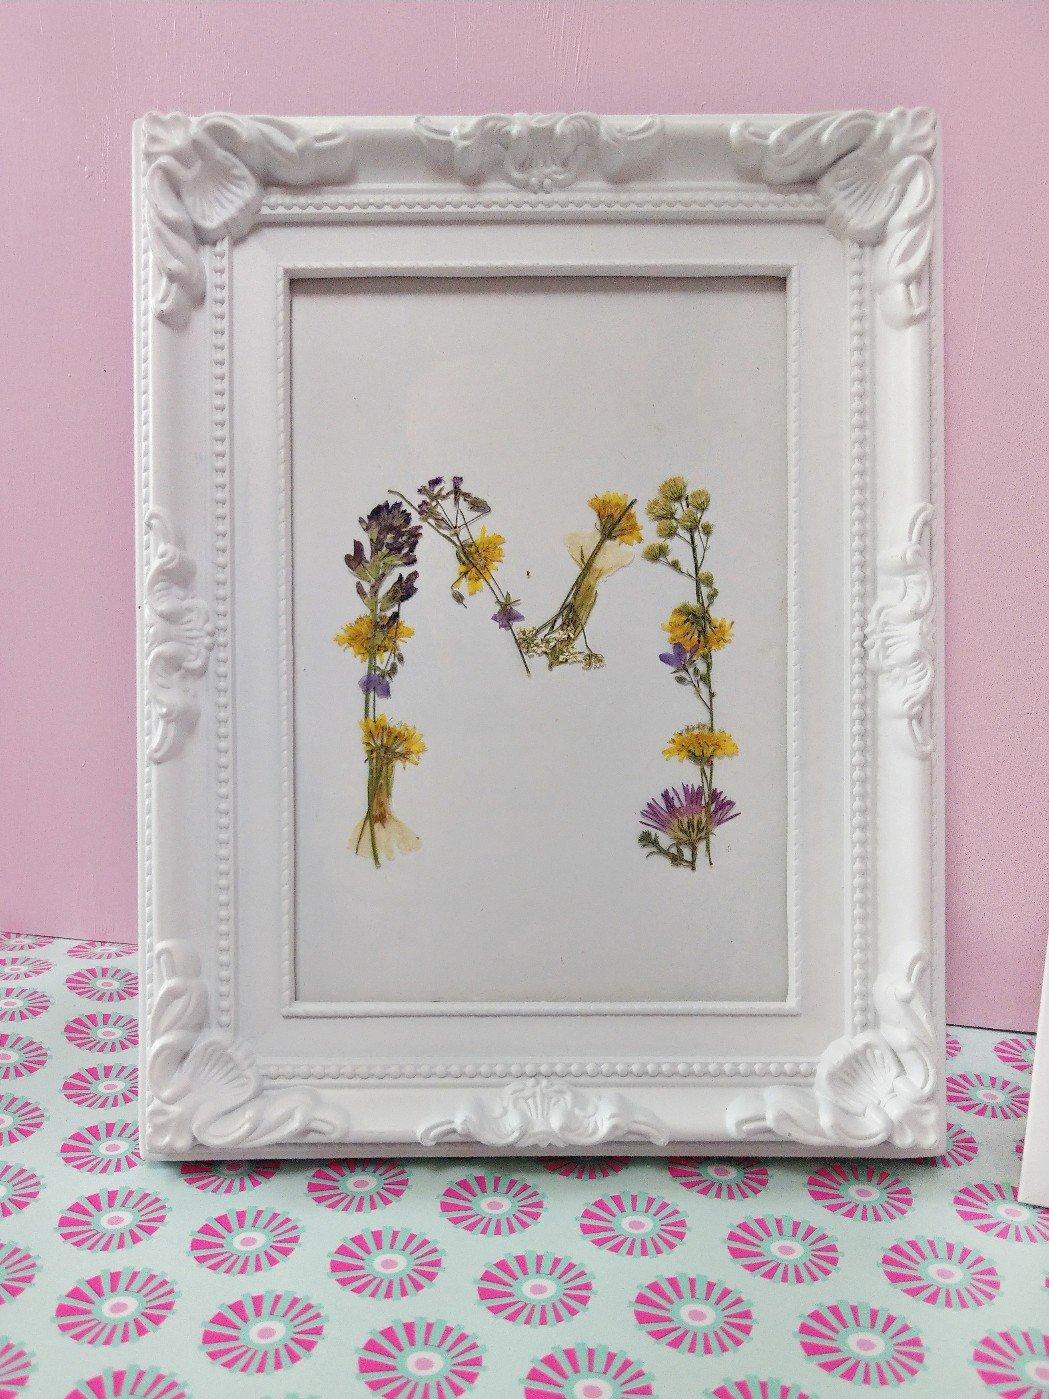 DIY Geschenk Idee aus getrockneten Blumen. Ein personalisierte Bilderrahmen mit Initialien oder Buchstaben aus getrockneten Blumen. Basteln mit Kindern. Deko-Idee im Bilderrahmen.